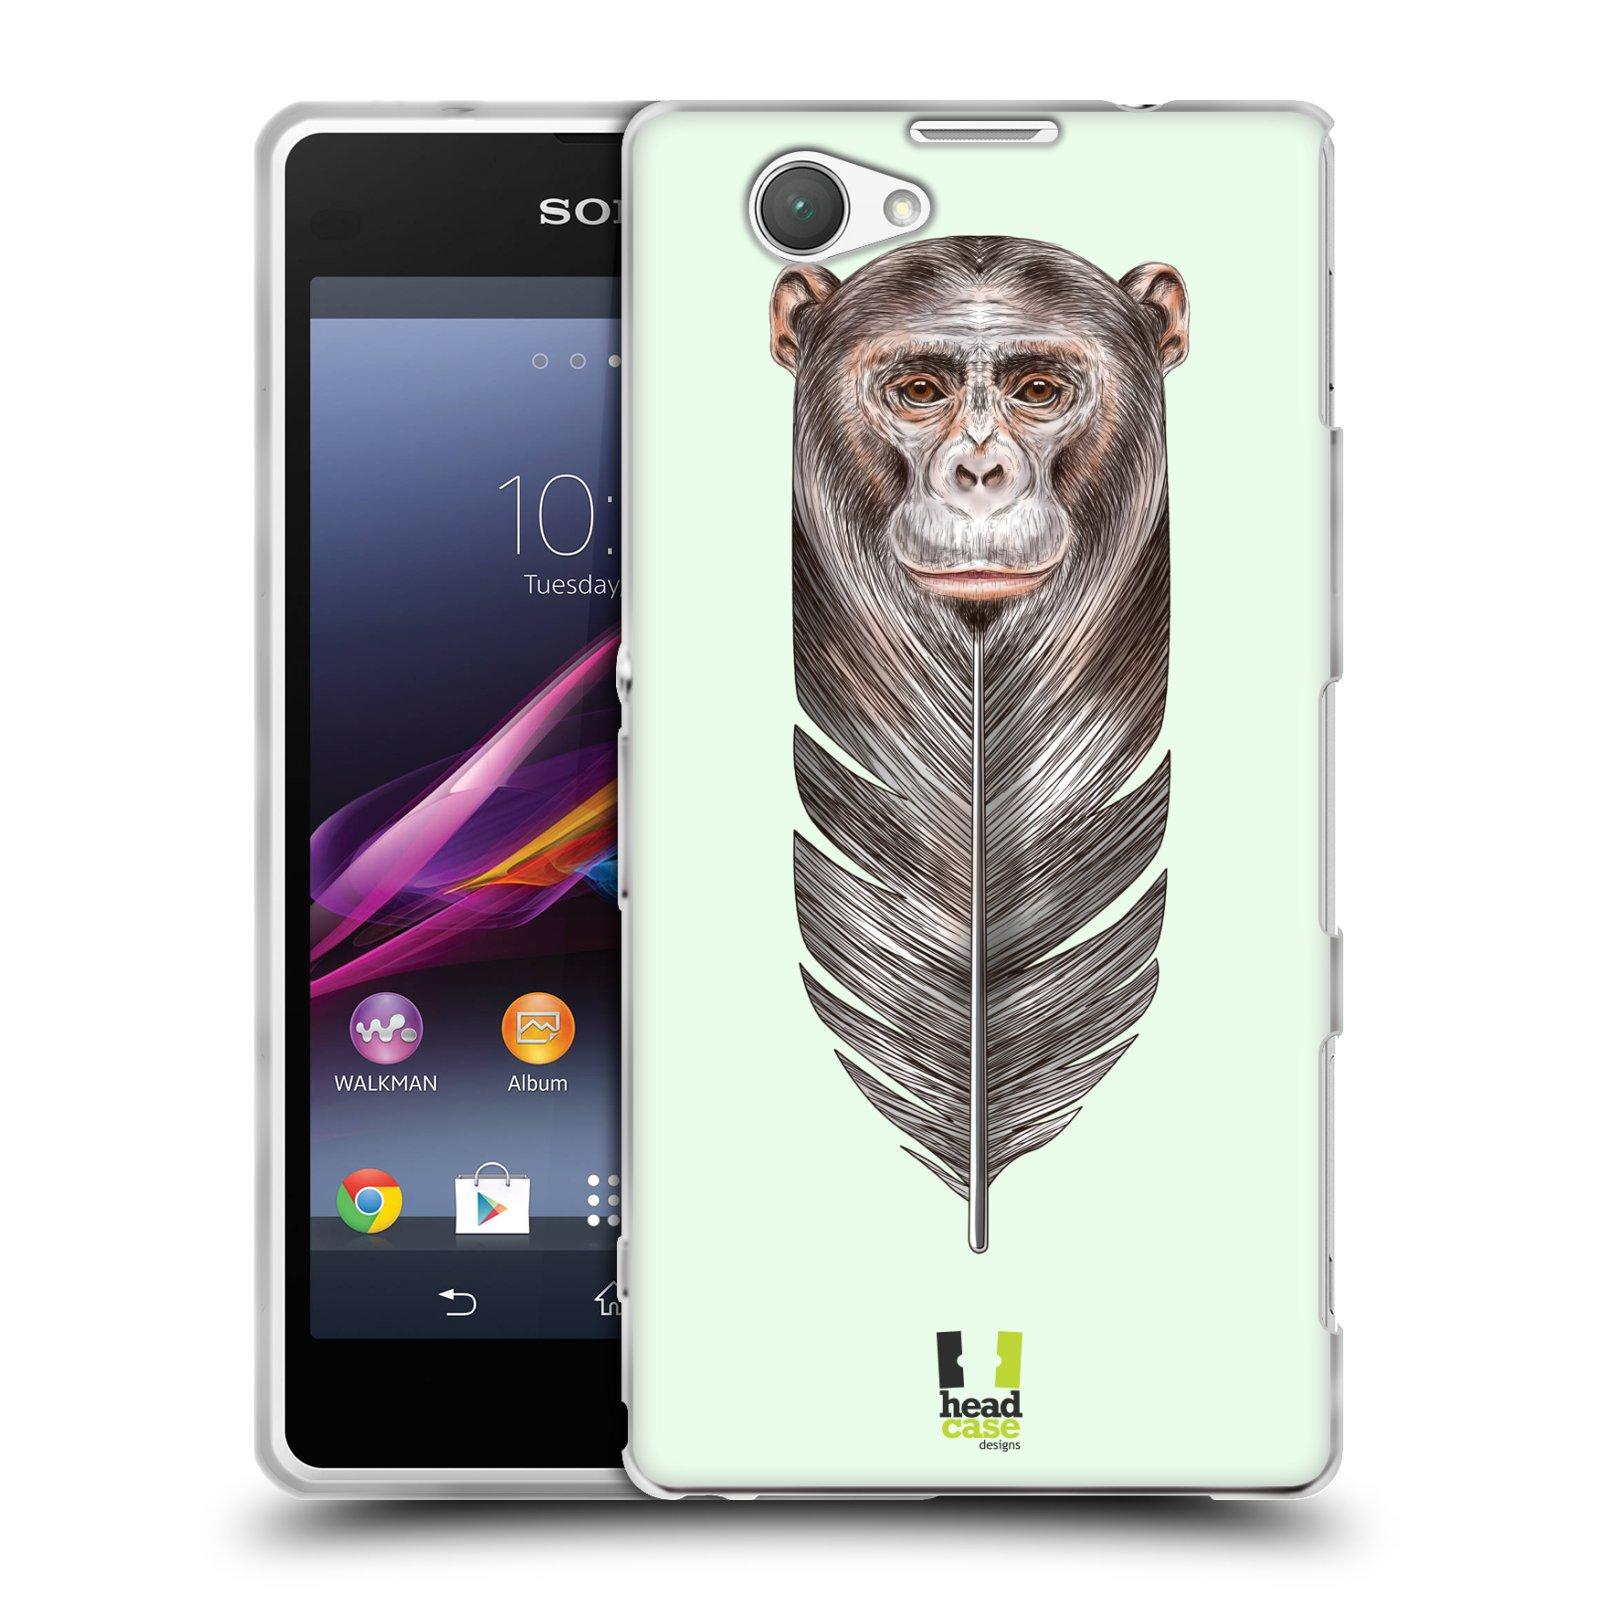 Silikonové pouzdro na mobil Sony Xperia Z1 Compact D5503 HEAD CASE PÍRKO OPIČKA (Silikonový kryt či obal na mobilní telefon Sony Xperia Z1 Compact)